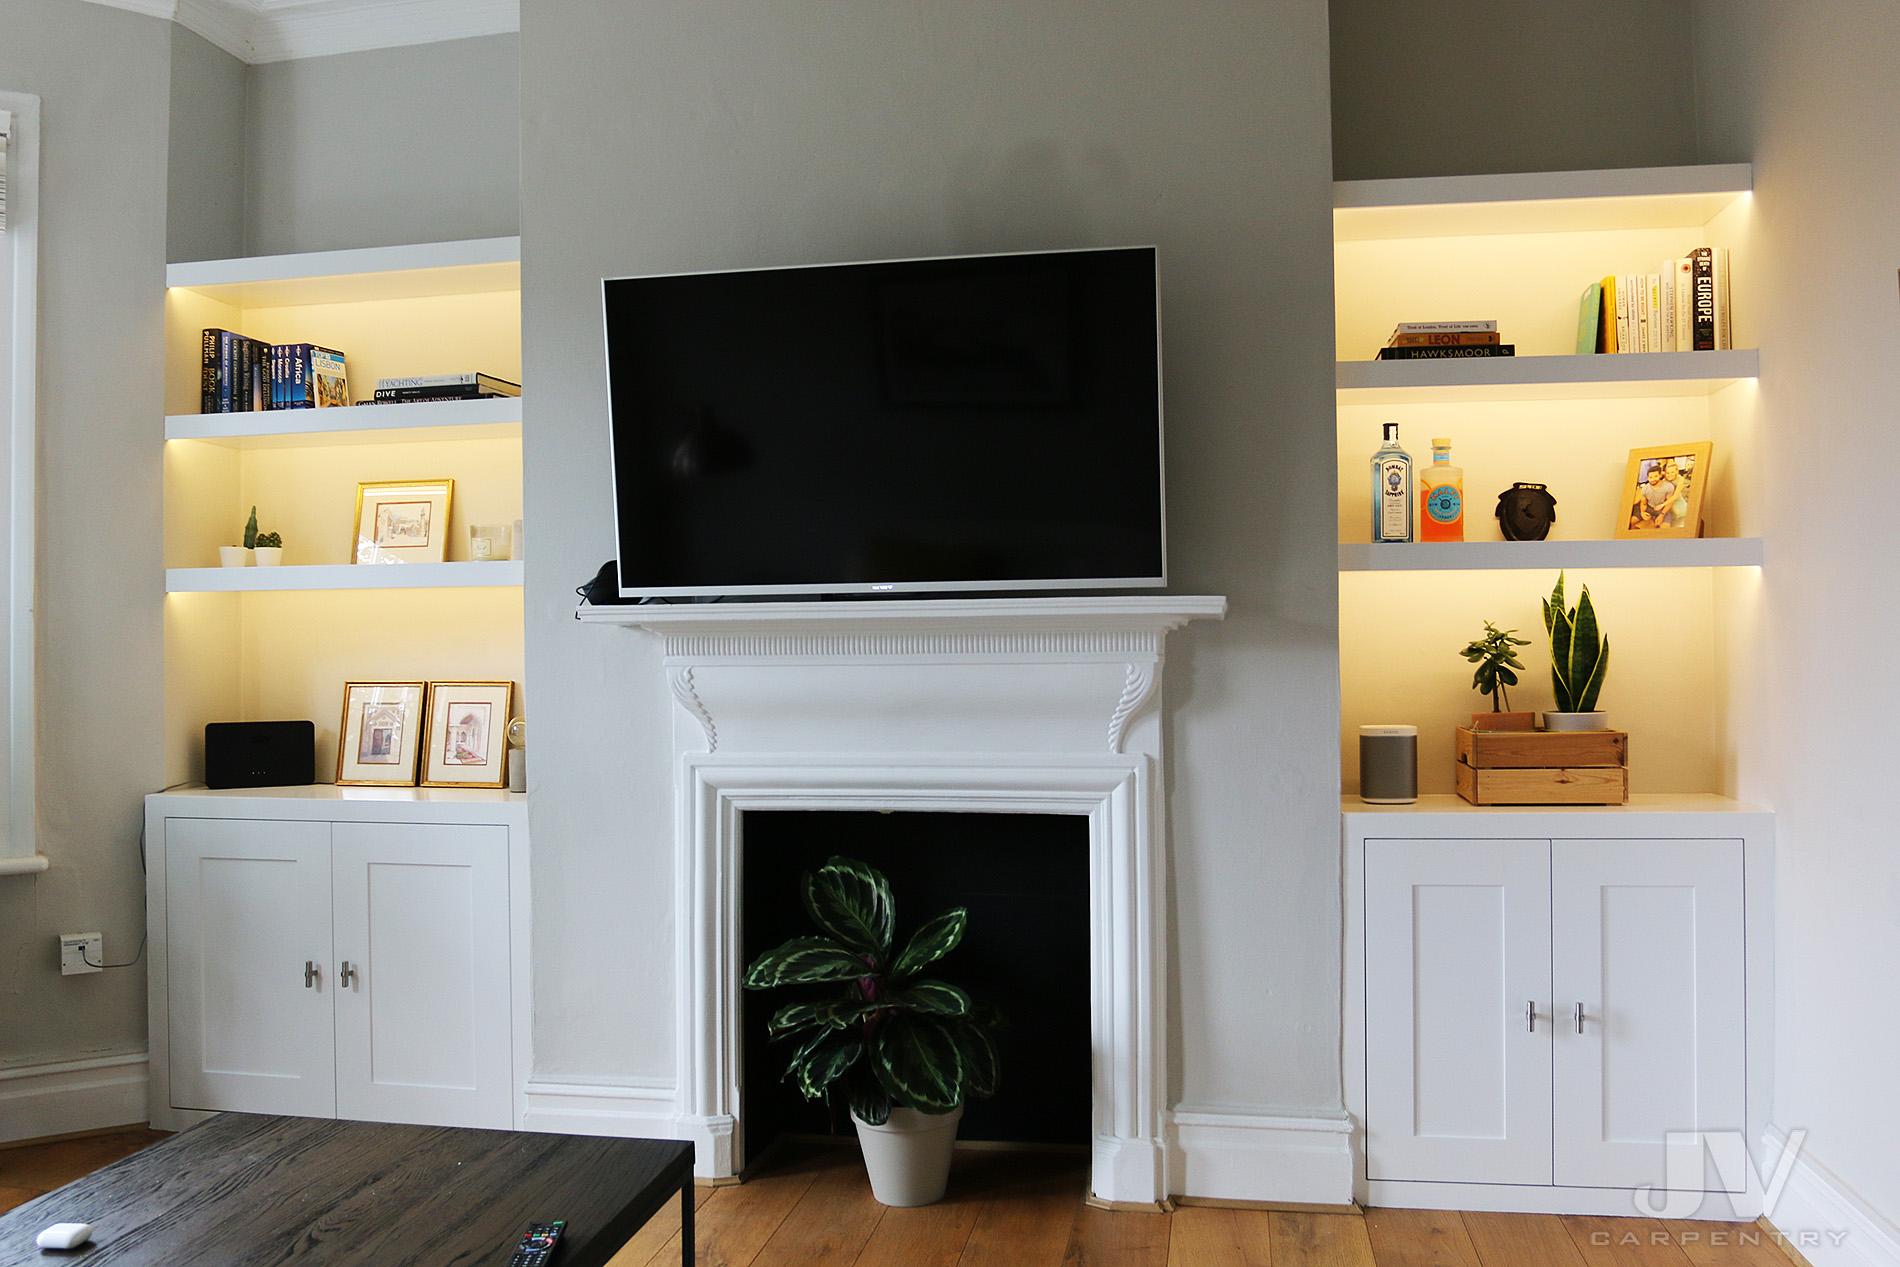 21 Alcove Shelving Ideas For Your Living Room Jv Carpentry